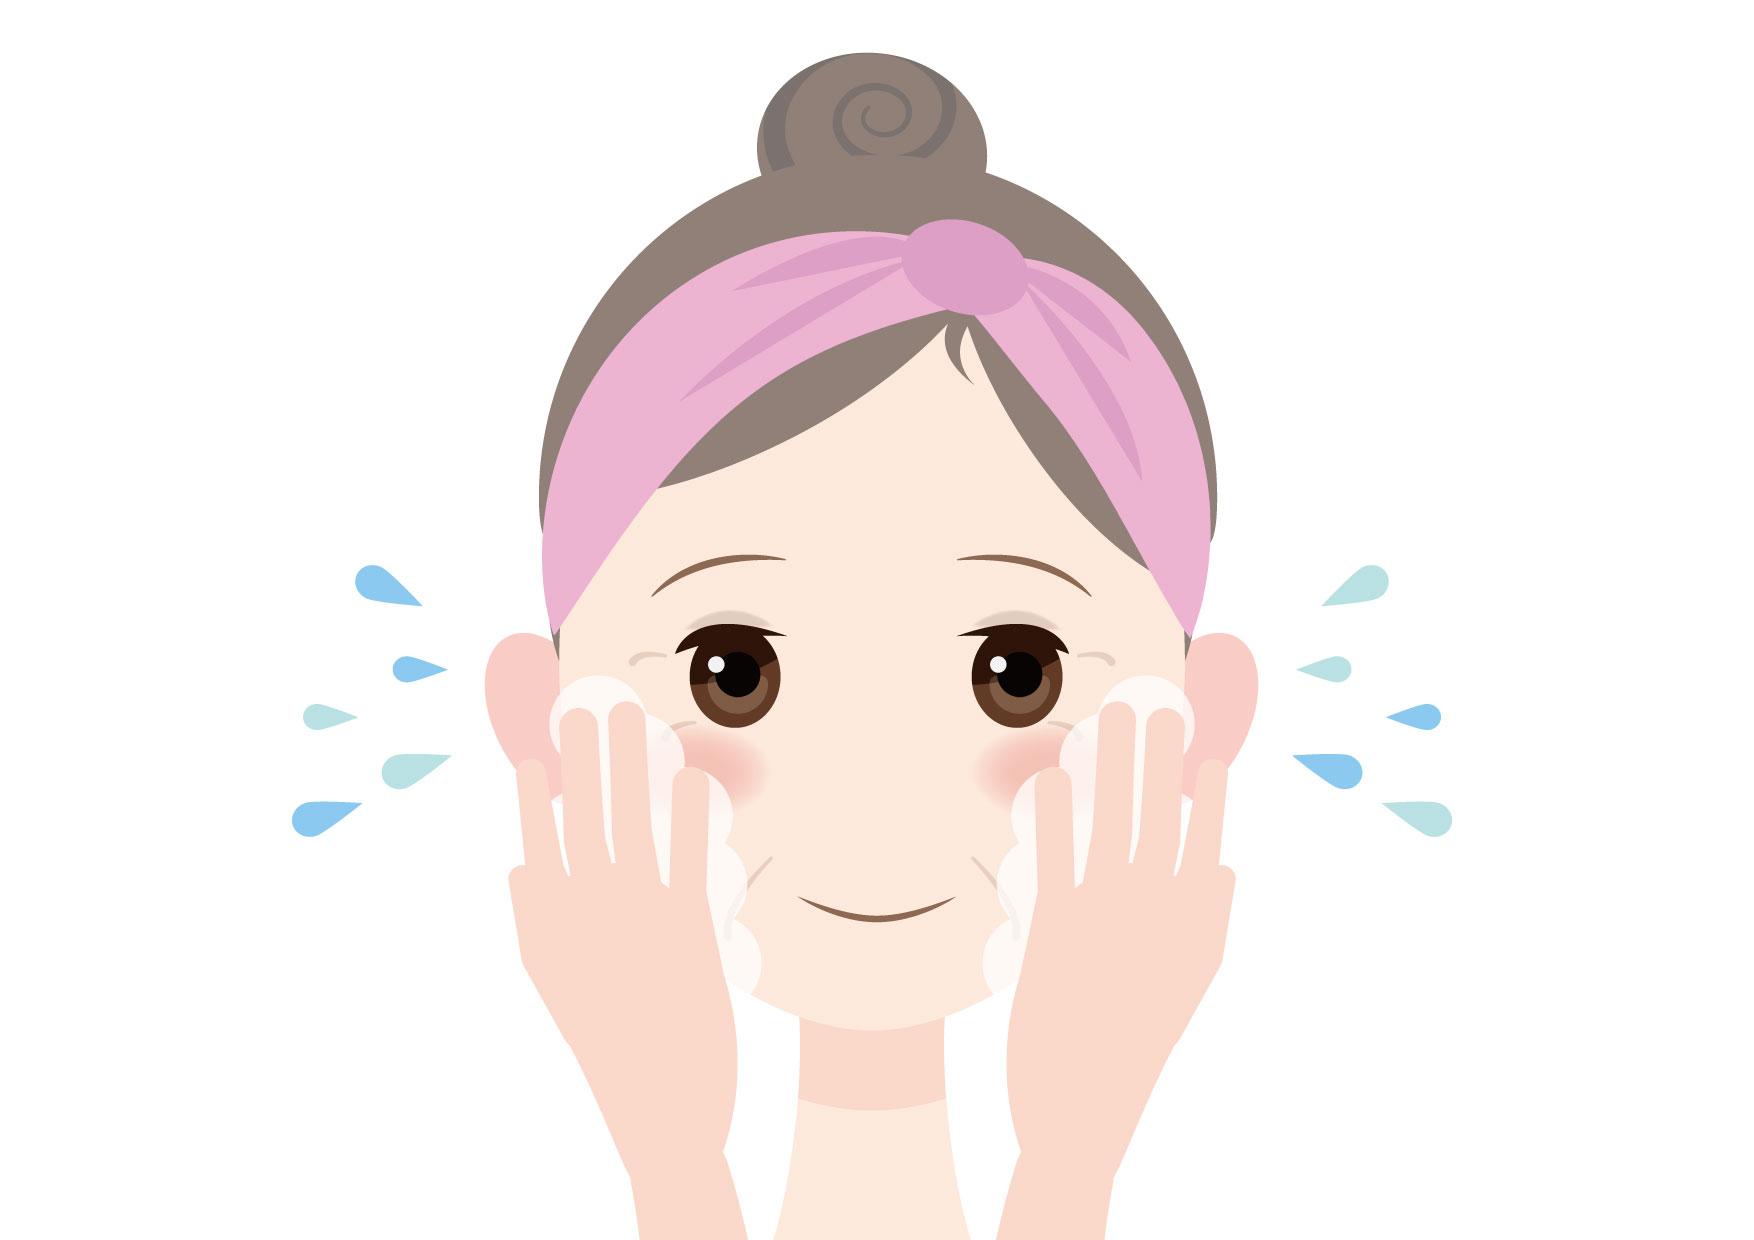 可愛いイラスト無料|女性 顔 洗顔 40代 50代 − free illustration Female face washing face 40s 50s